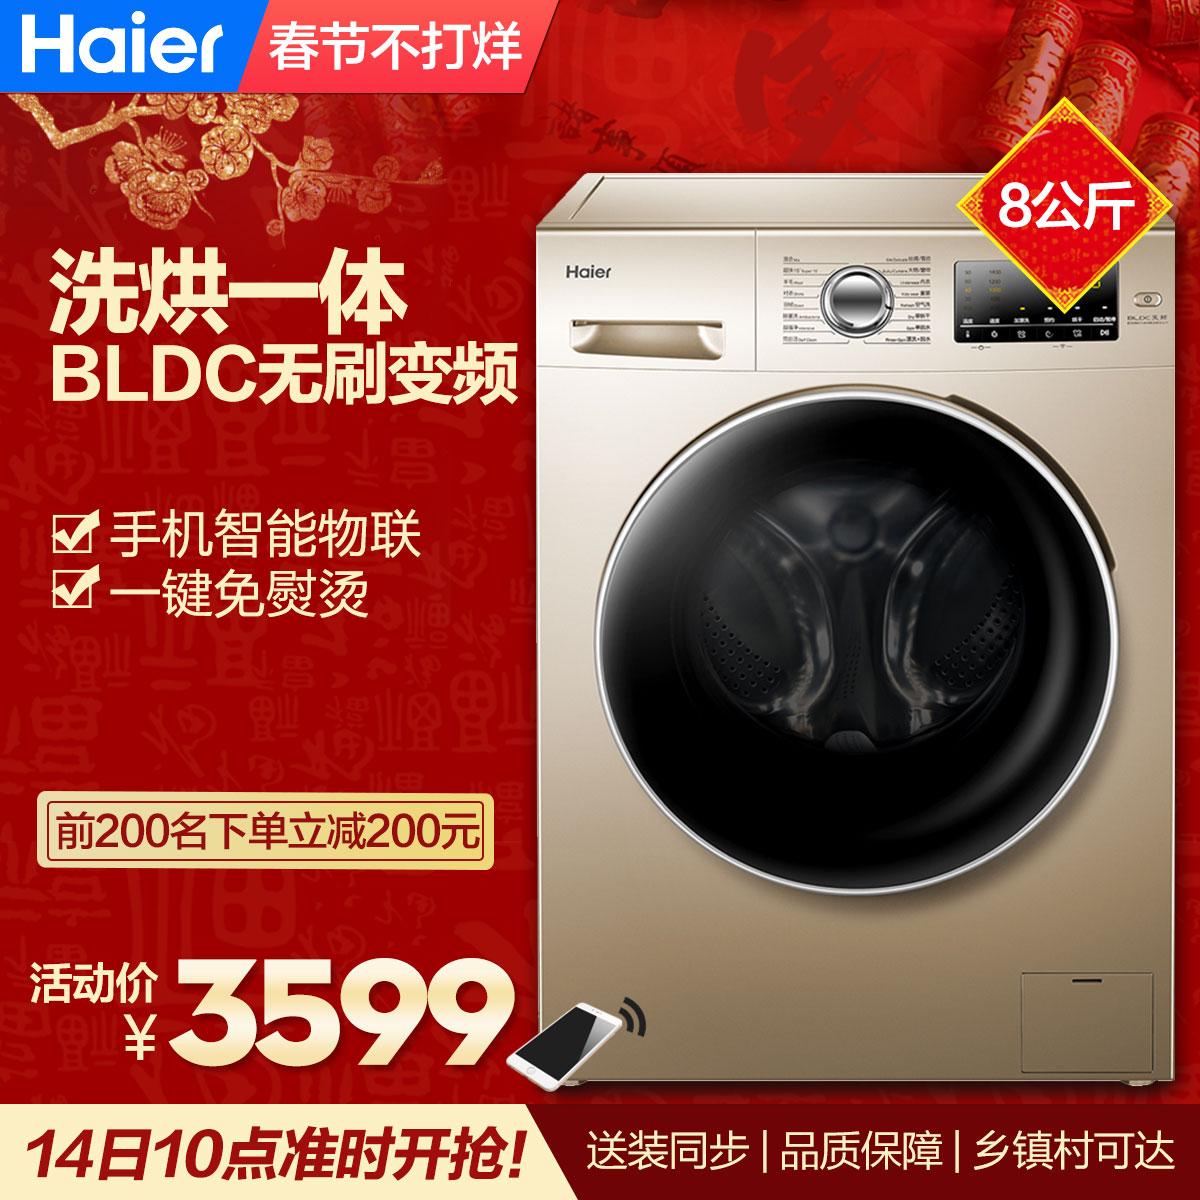 海尔8公斤变频全自动洗烘干滚筒洗衣机 洗烘一体 智能变频 蒸汽烘干 EG8014HB39GU1